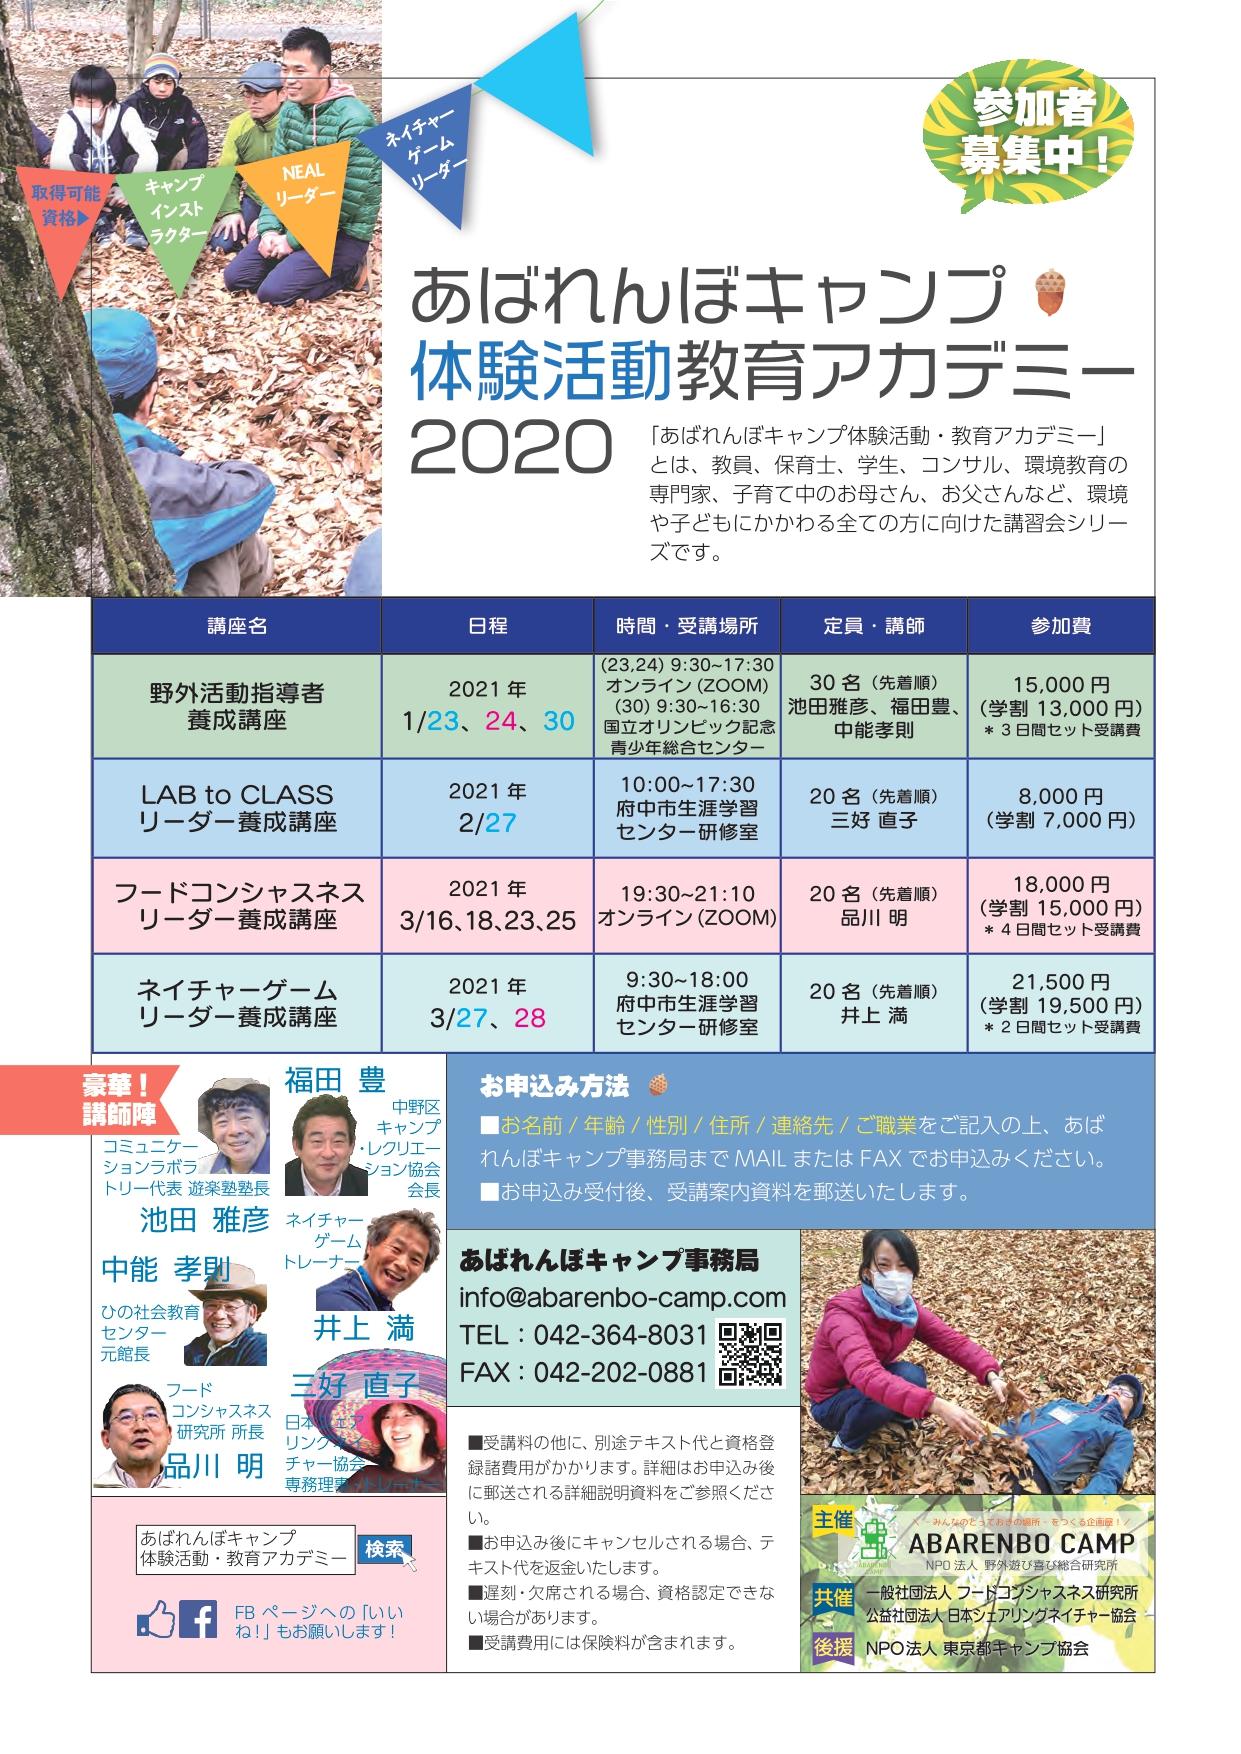 東京:キャンプインストラクター養成講習会(1/23.24.30) @ オンライン&国立オリンピック記念青少年総合センター